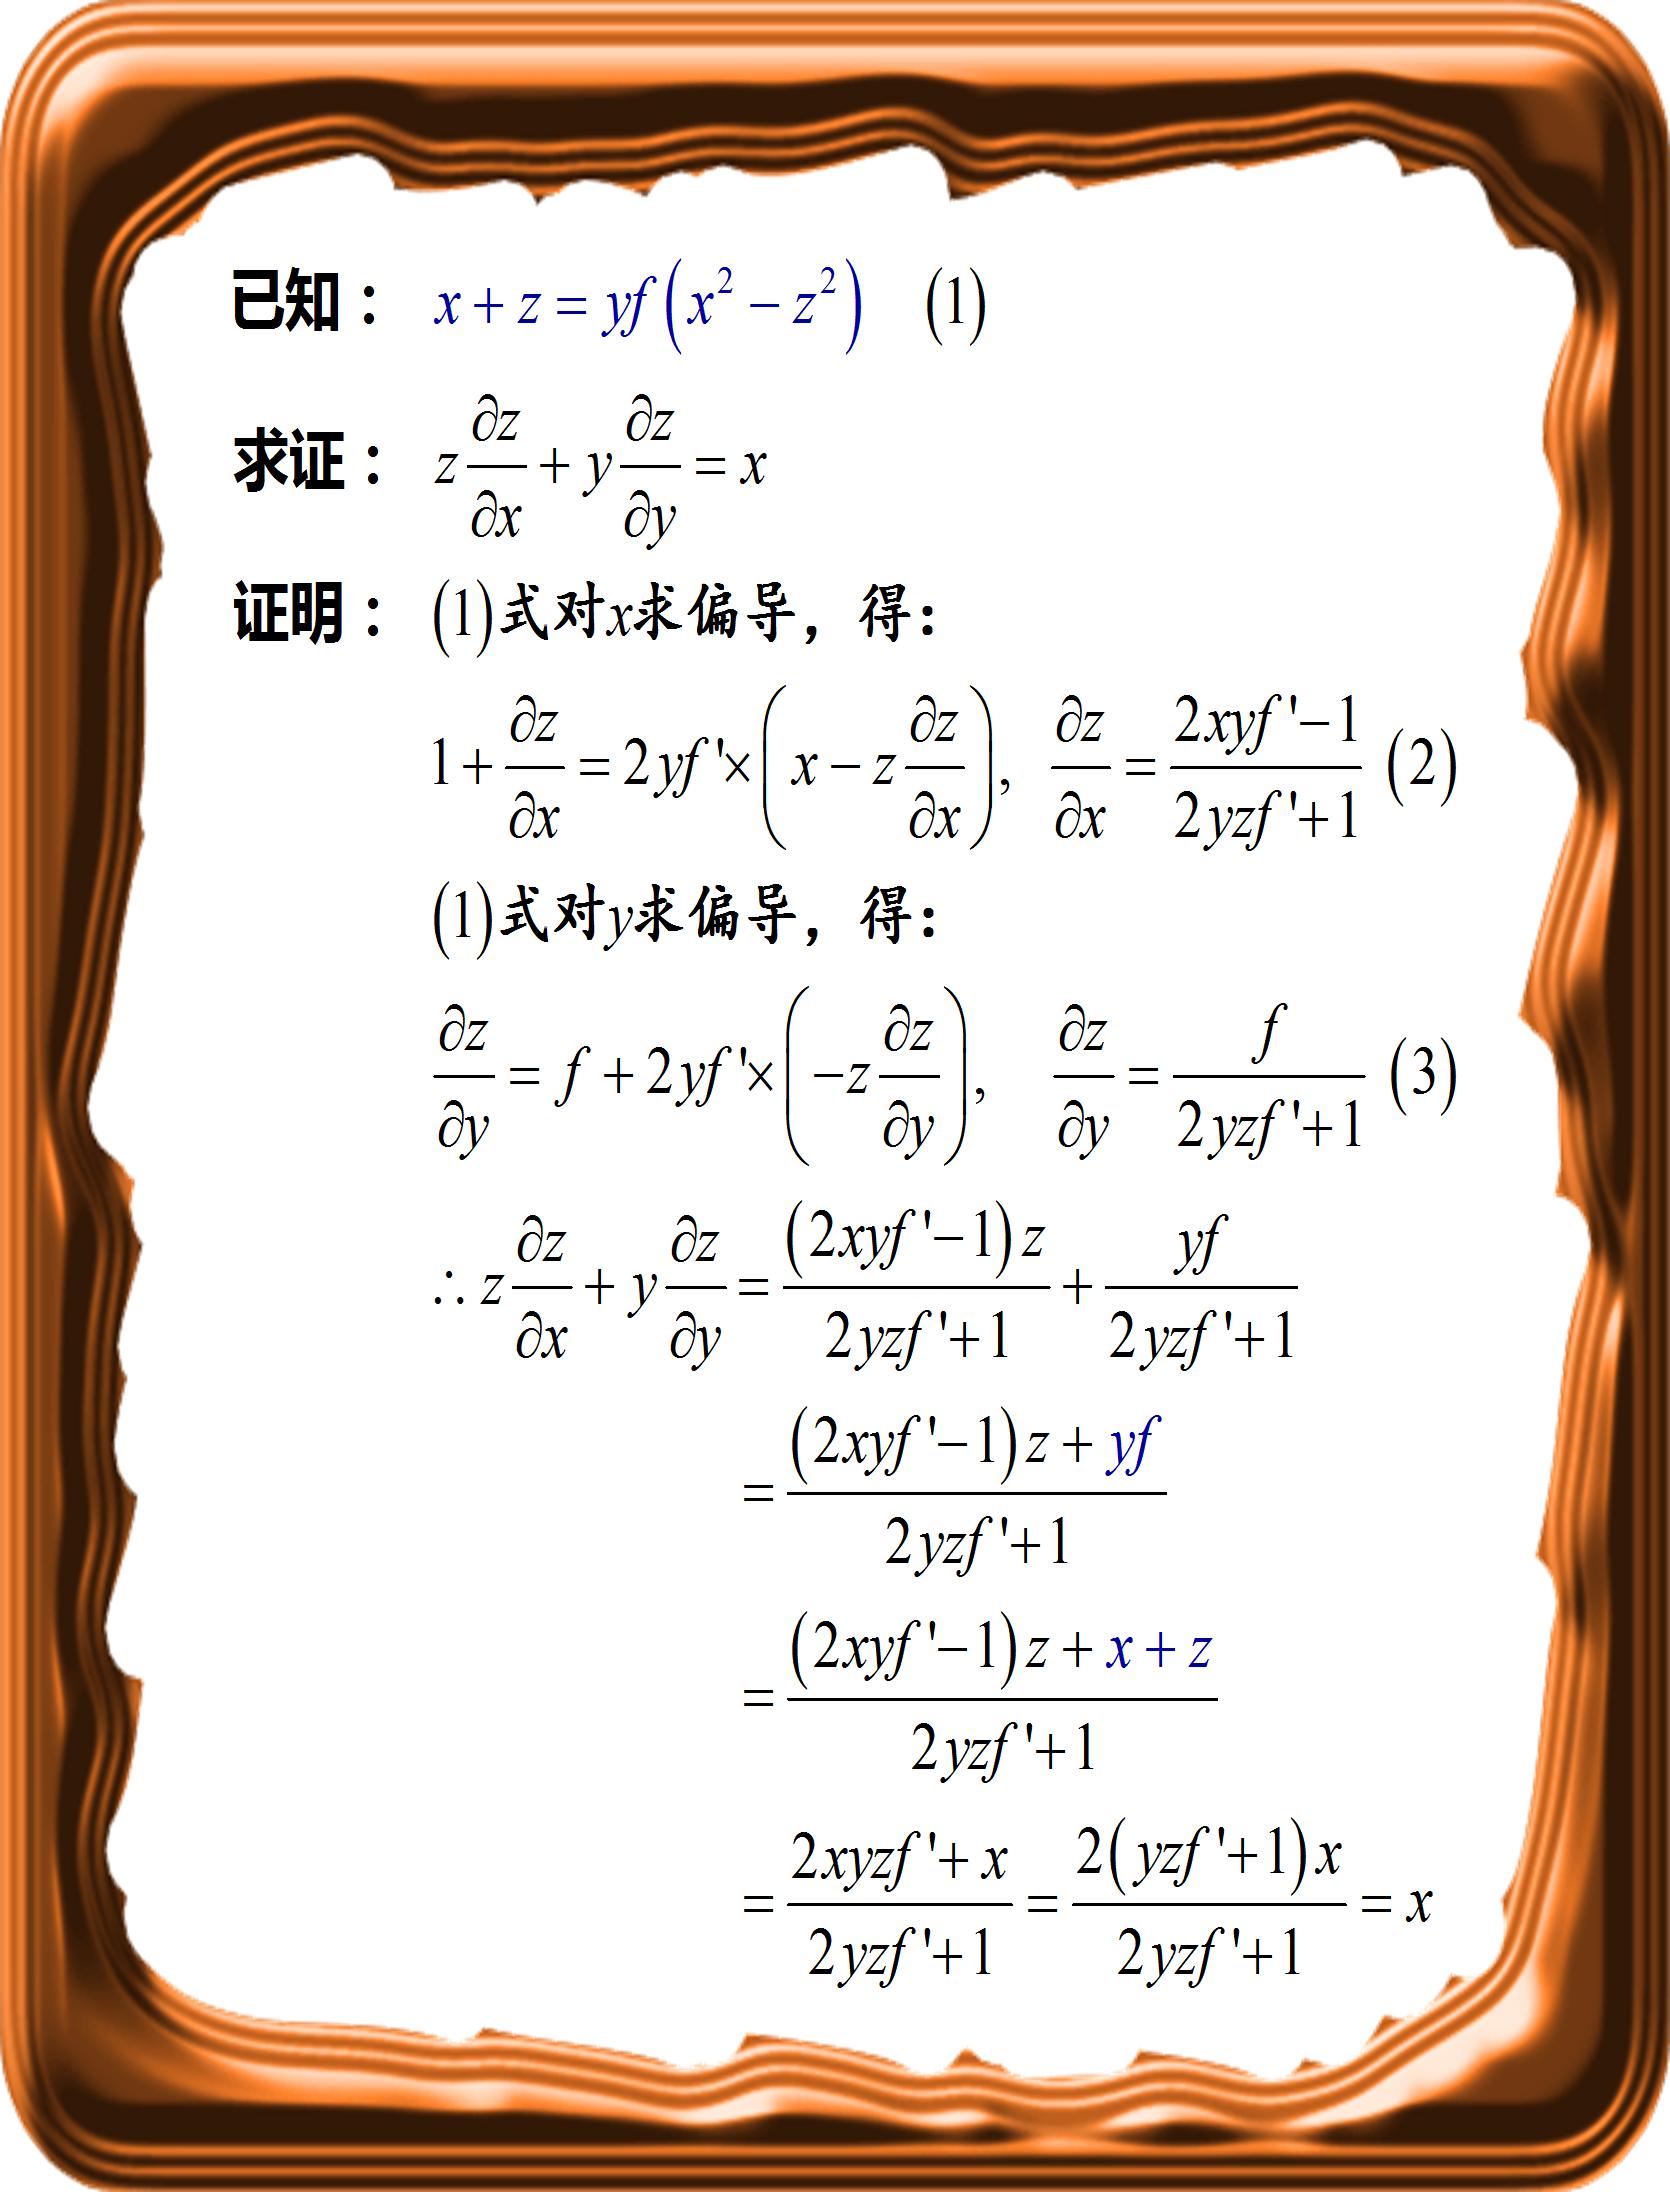 �yf�y�y��y>{��Z[_设x+z=yf(x^2-z^2),证明z乘以z对x的偏导加y乘以z对y的偏导=x_百度知道